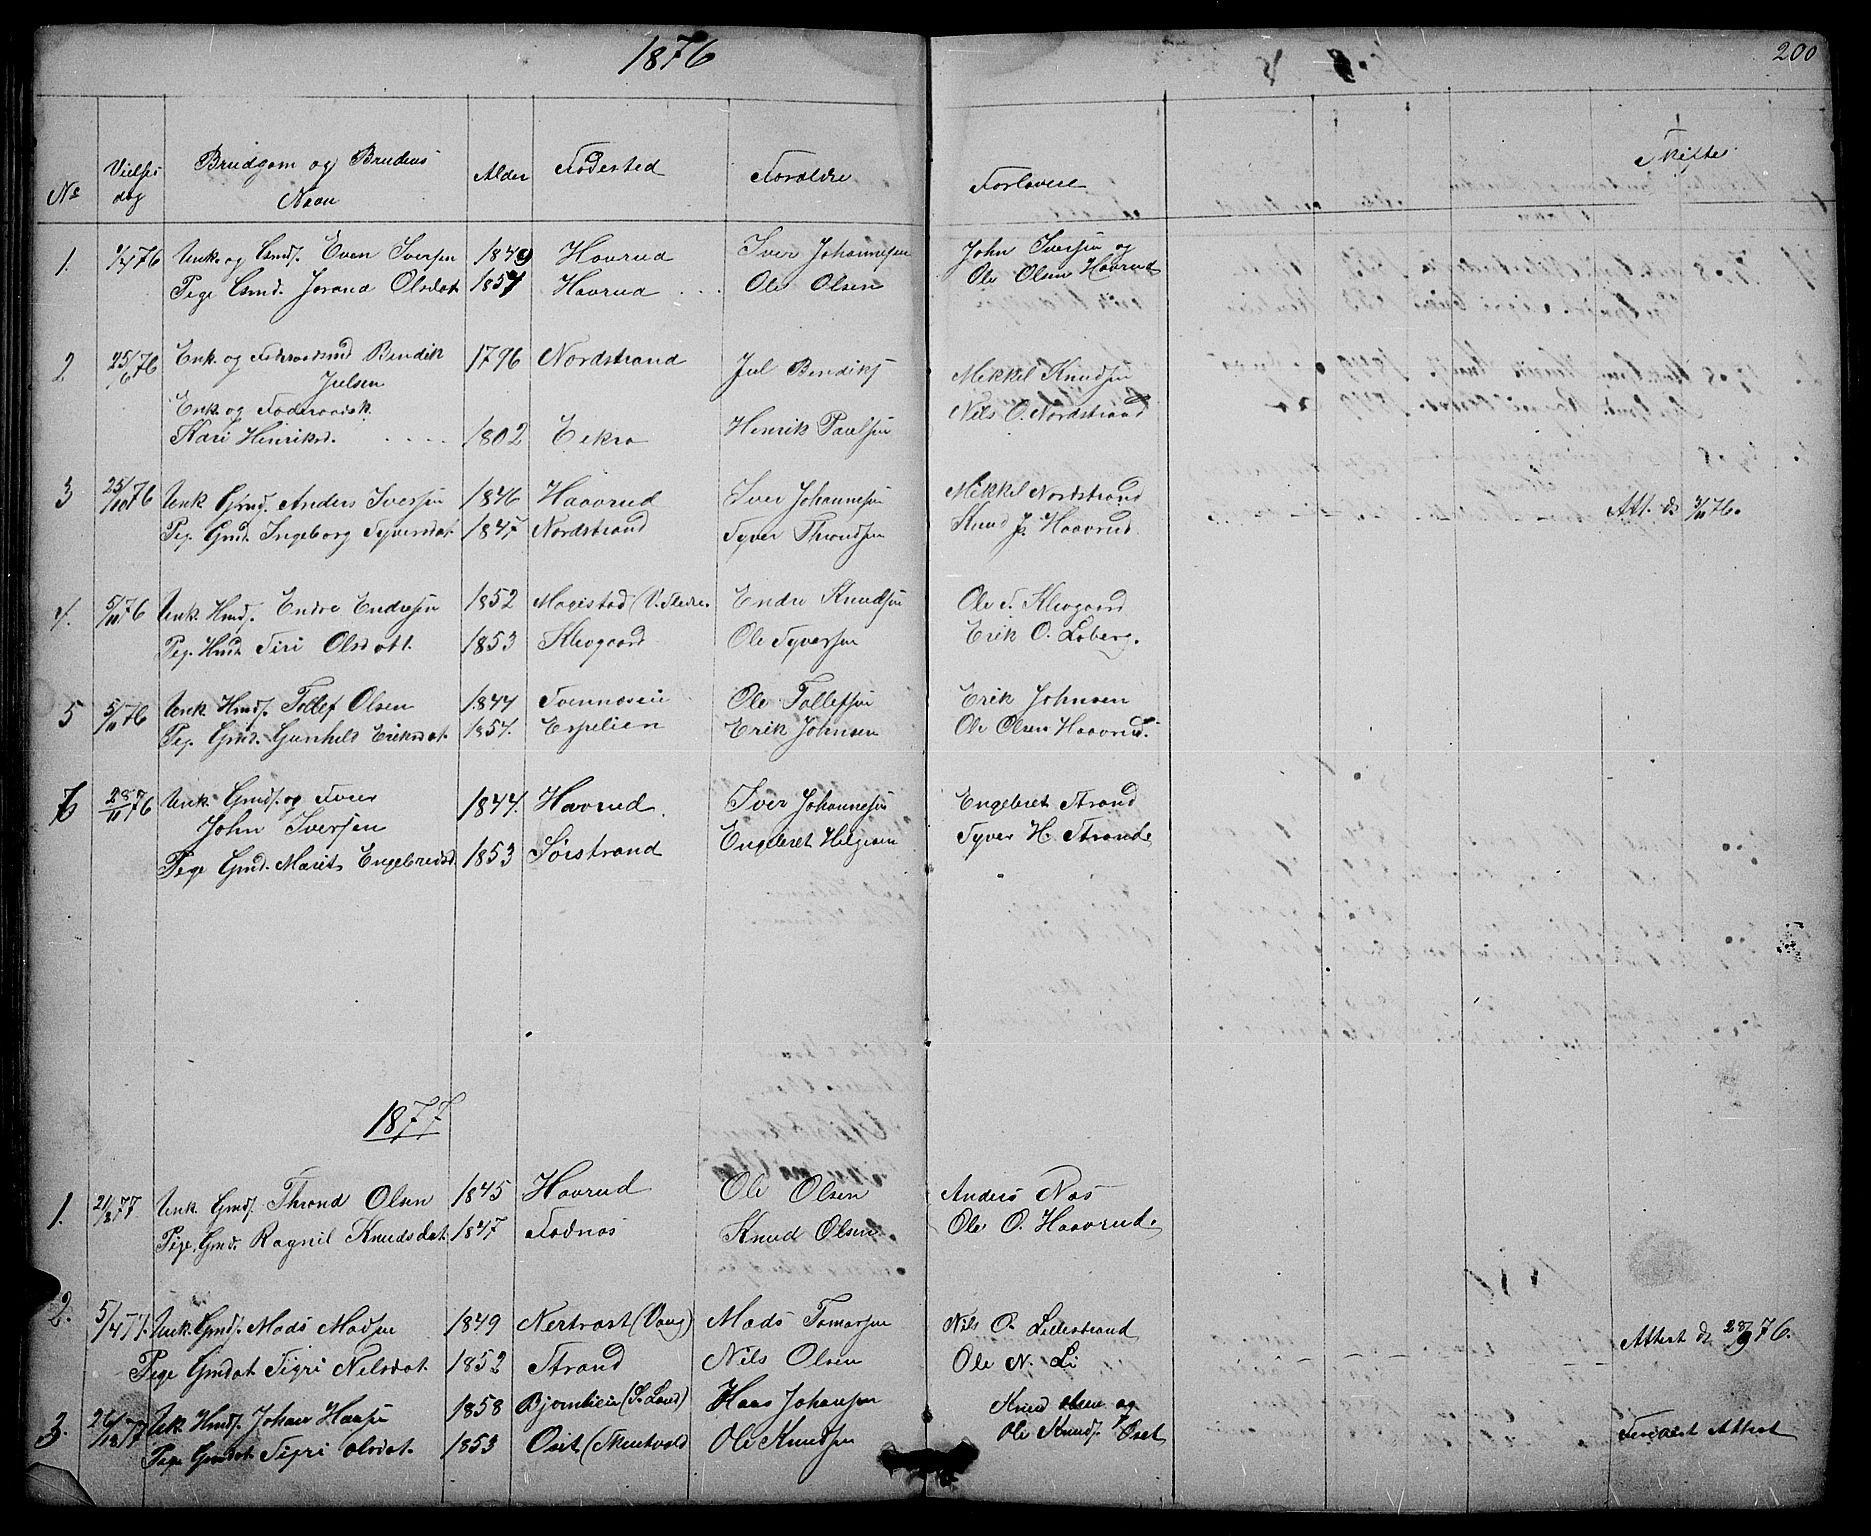 SAH, Nord-Aurdal prestekontor, Klokkerbok nr. 3, 1842-1882, s. 200